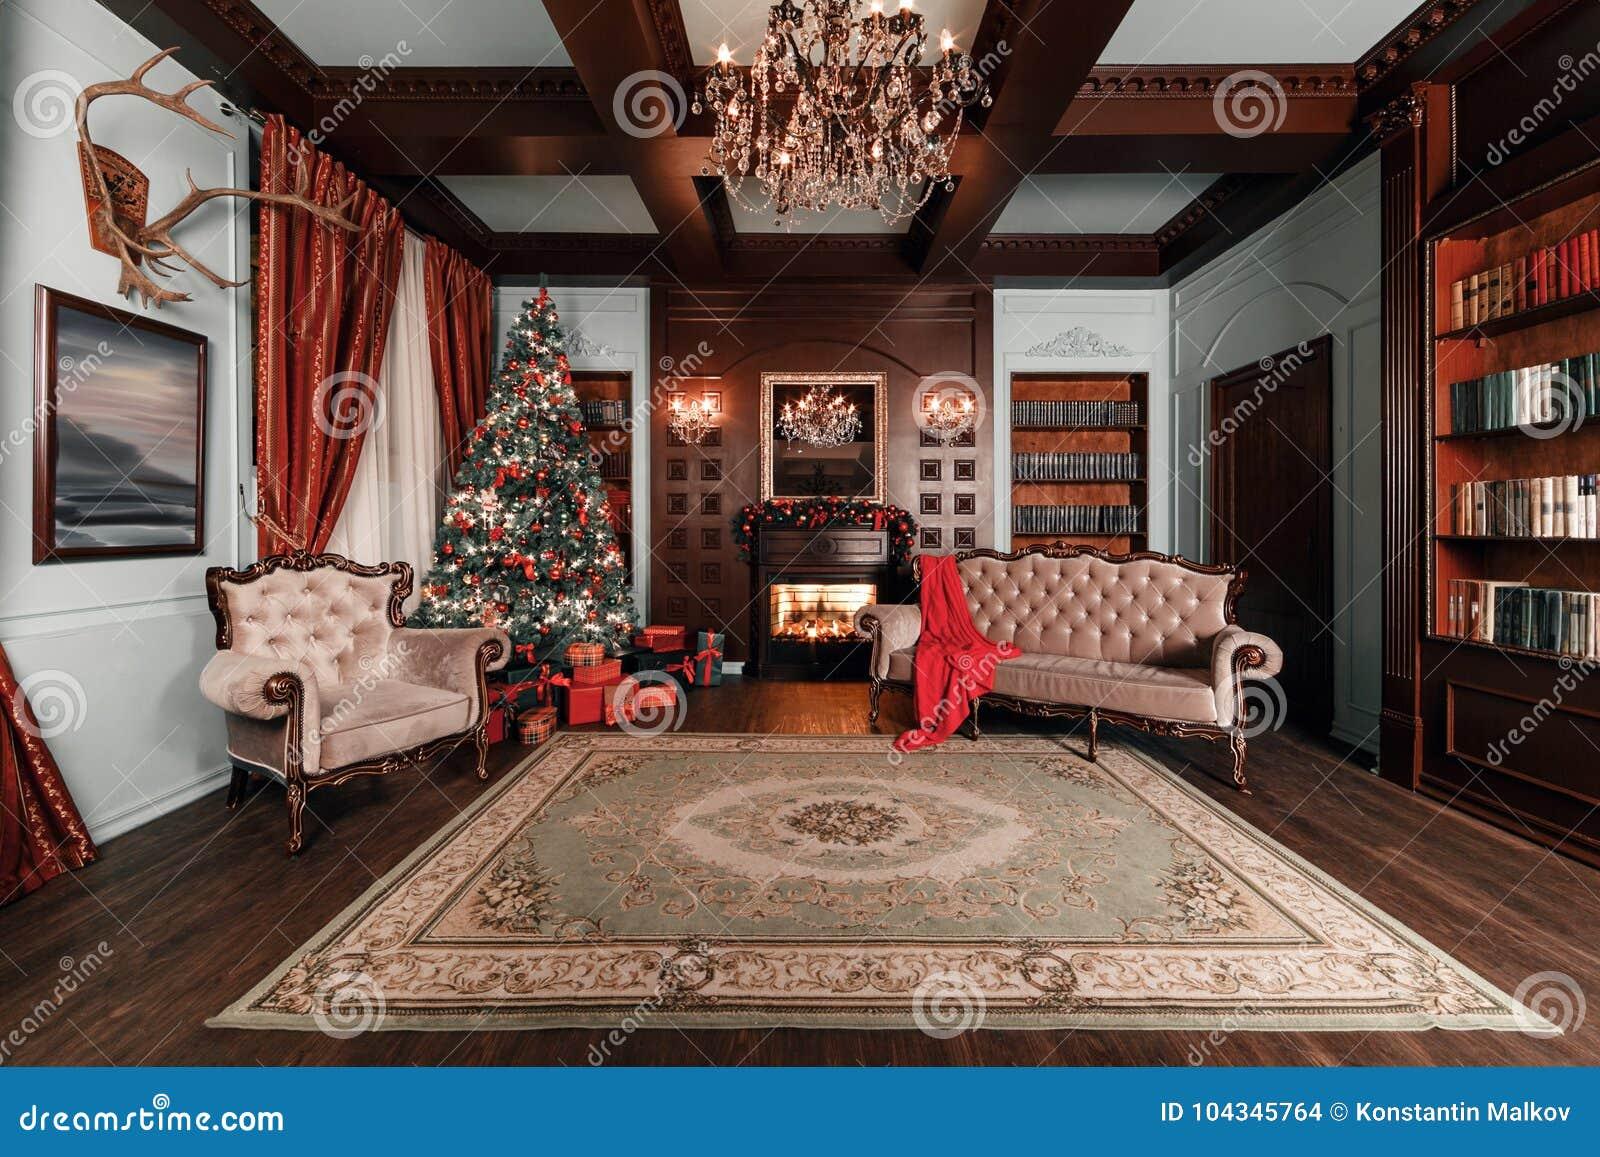 Sera di natale appartamenti classici con un camino bianco, un albero decorato, un sofà, le grandi finestre e un candeliere